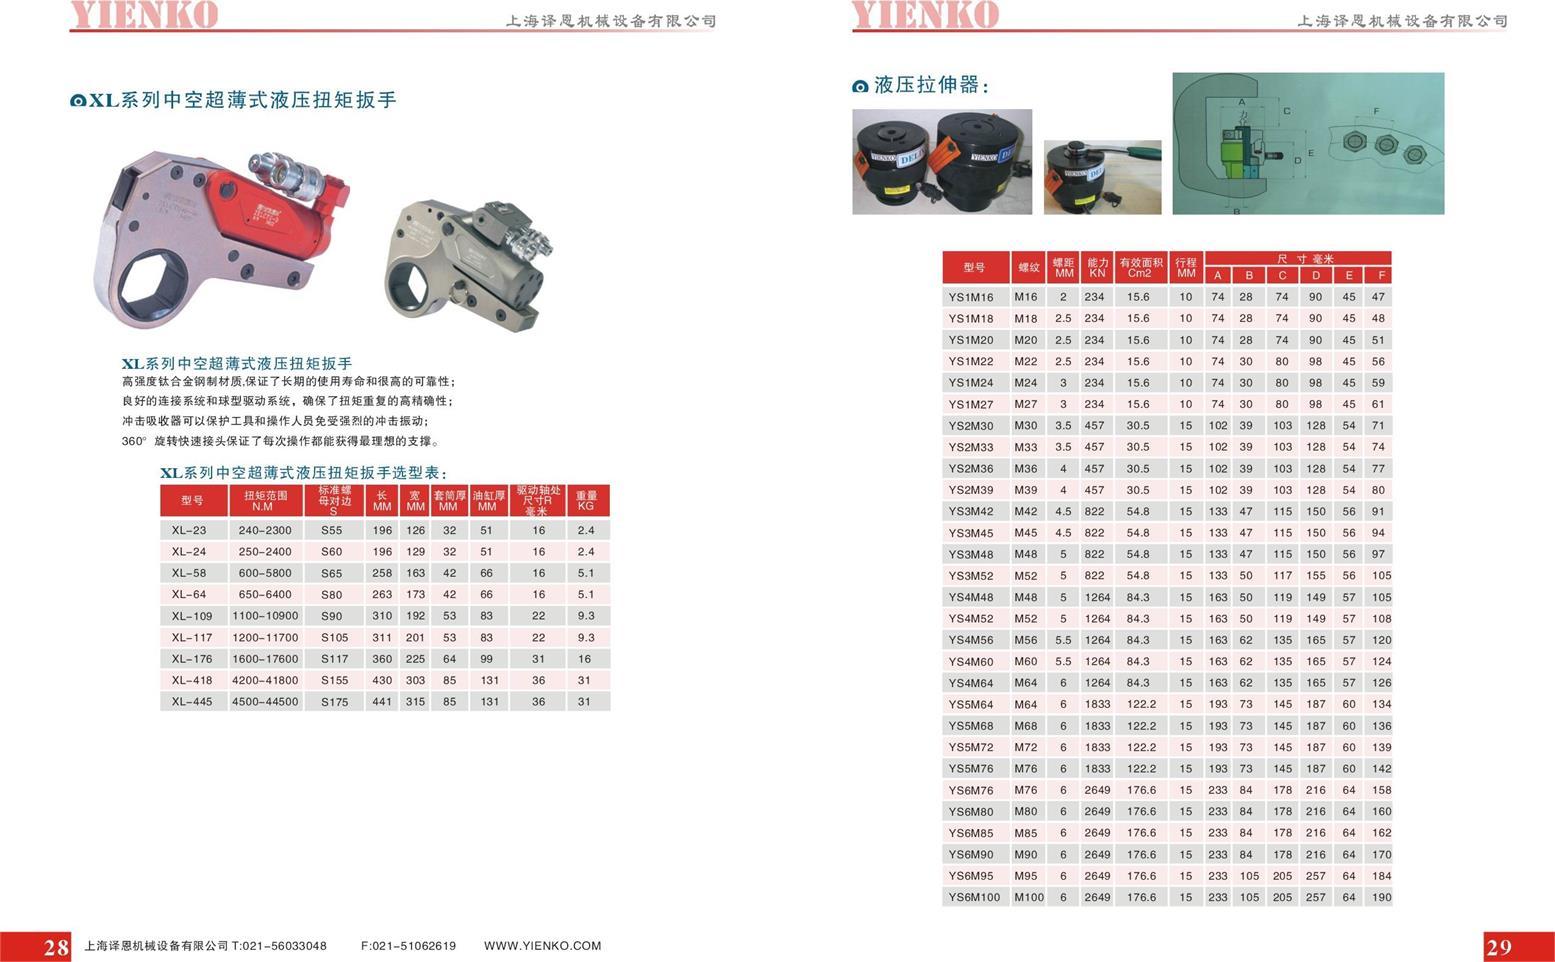 供应YIENKO方驱液压扭矩扳手-YIENKO电动液压扭矩扳手生产厂家